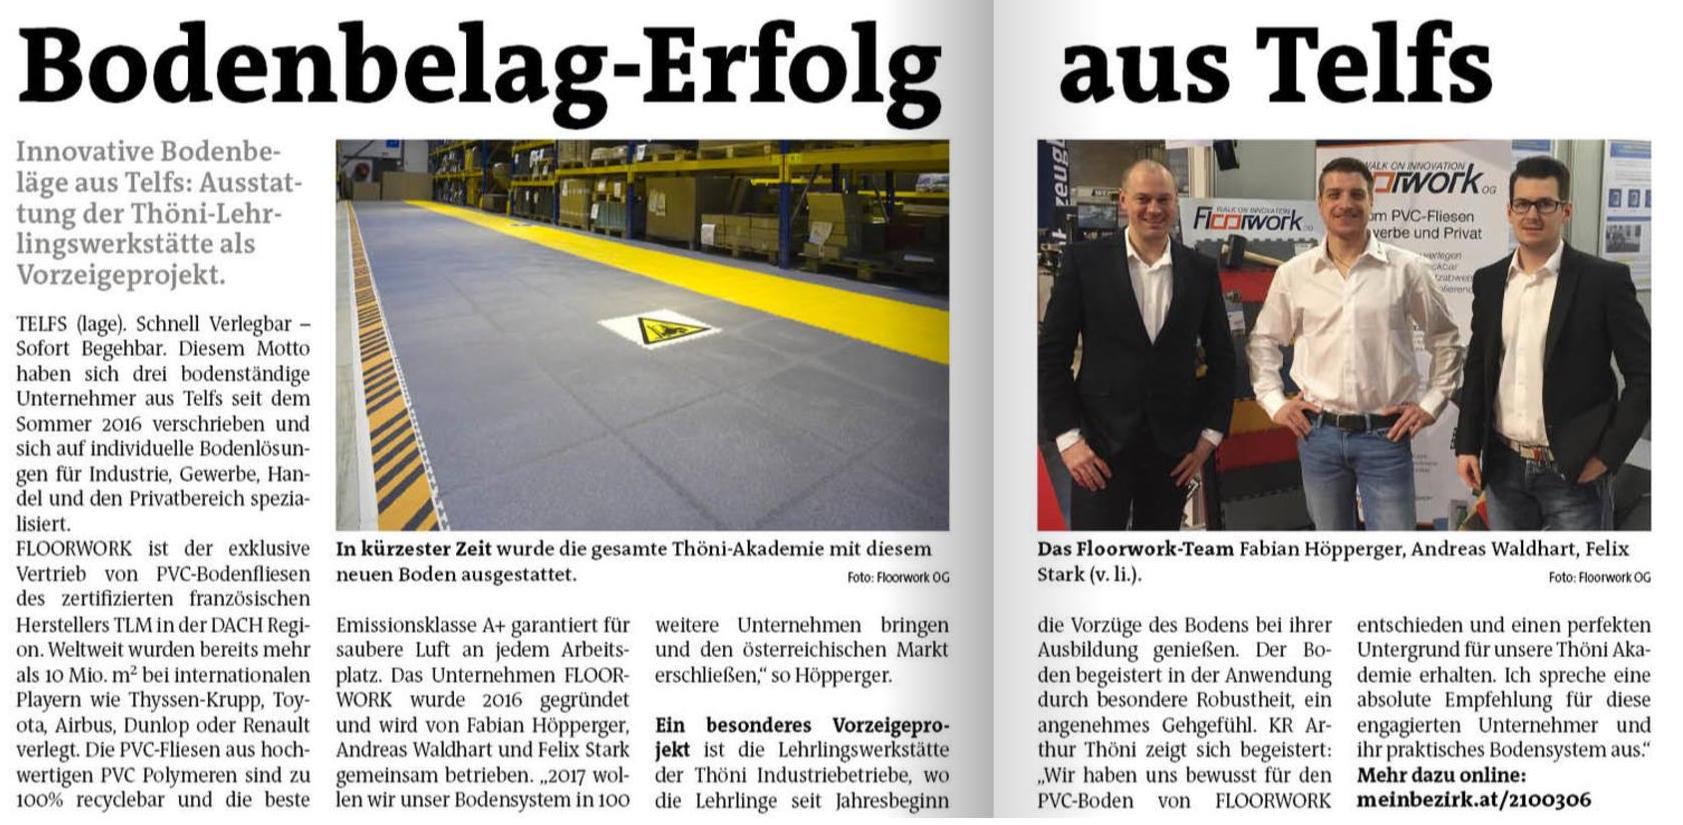 Hier ist ein Zeitungsartikel über Floorwork und seinen Bodenbelägen